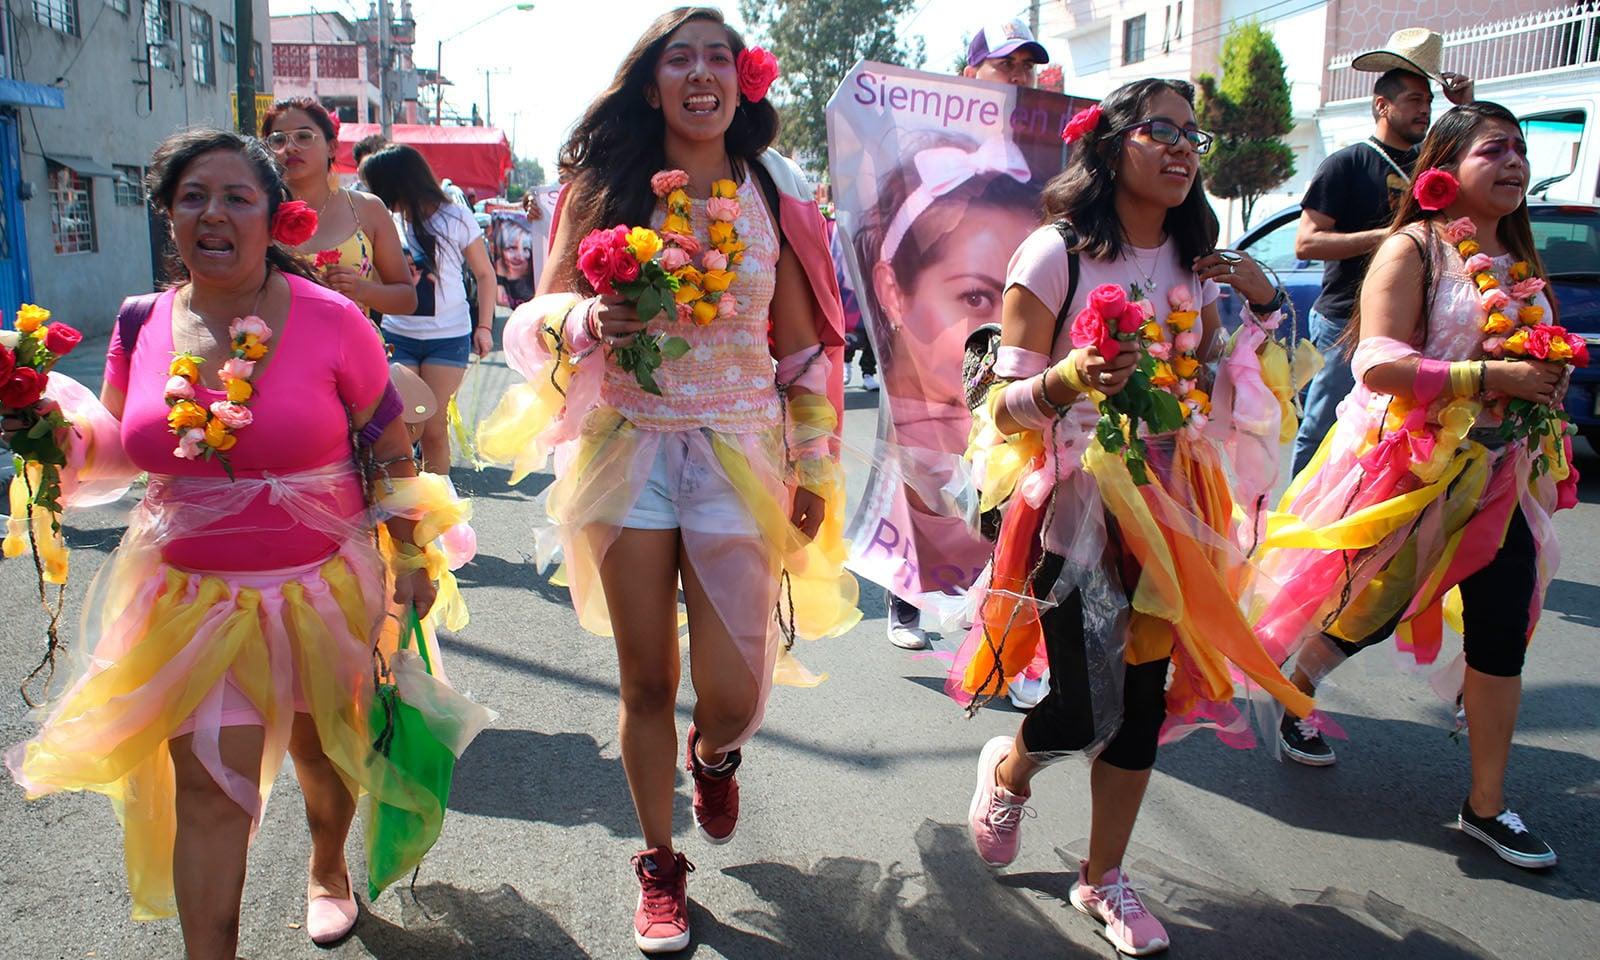 میکسیکو میں بھی عالمی دن کے موقع پرعوام سڑکوں پر تشدد کا نشانہ بننے والی خواتین سے اظہار یکجہتی کے لیے پھول لیے نظر آئیں — فوٹو : اے پی